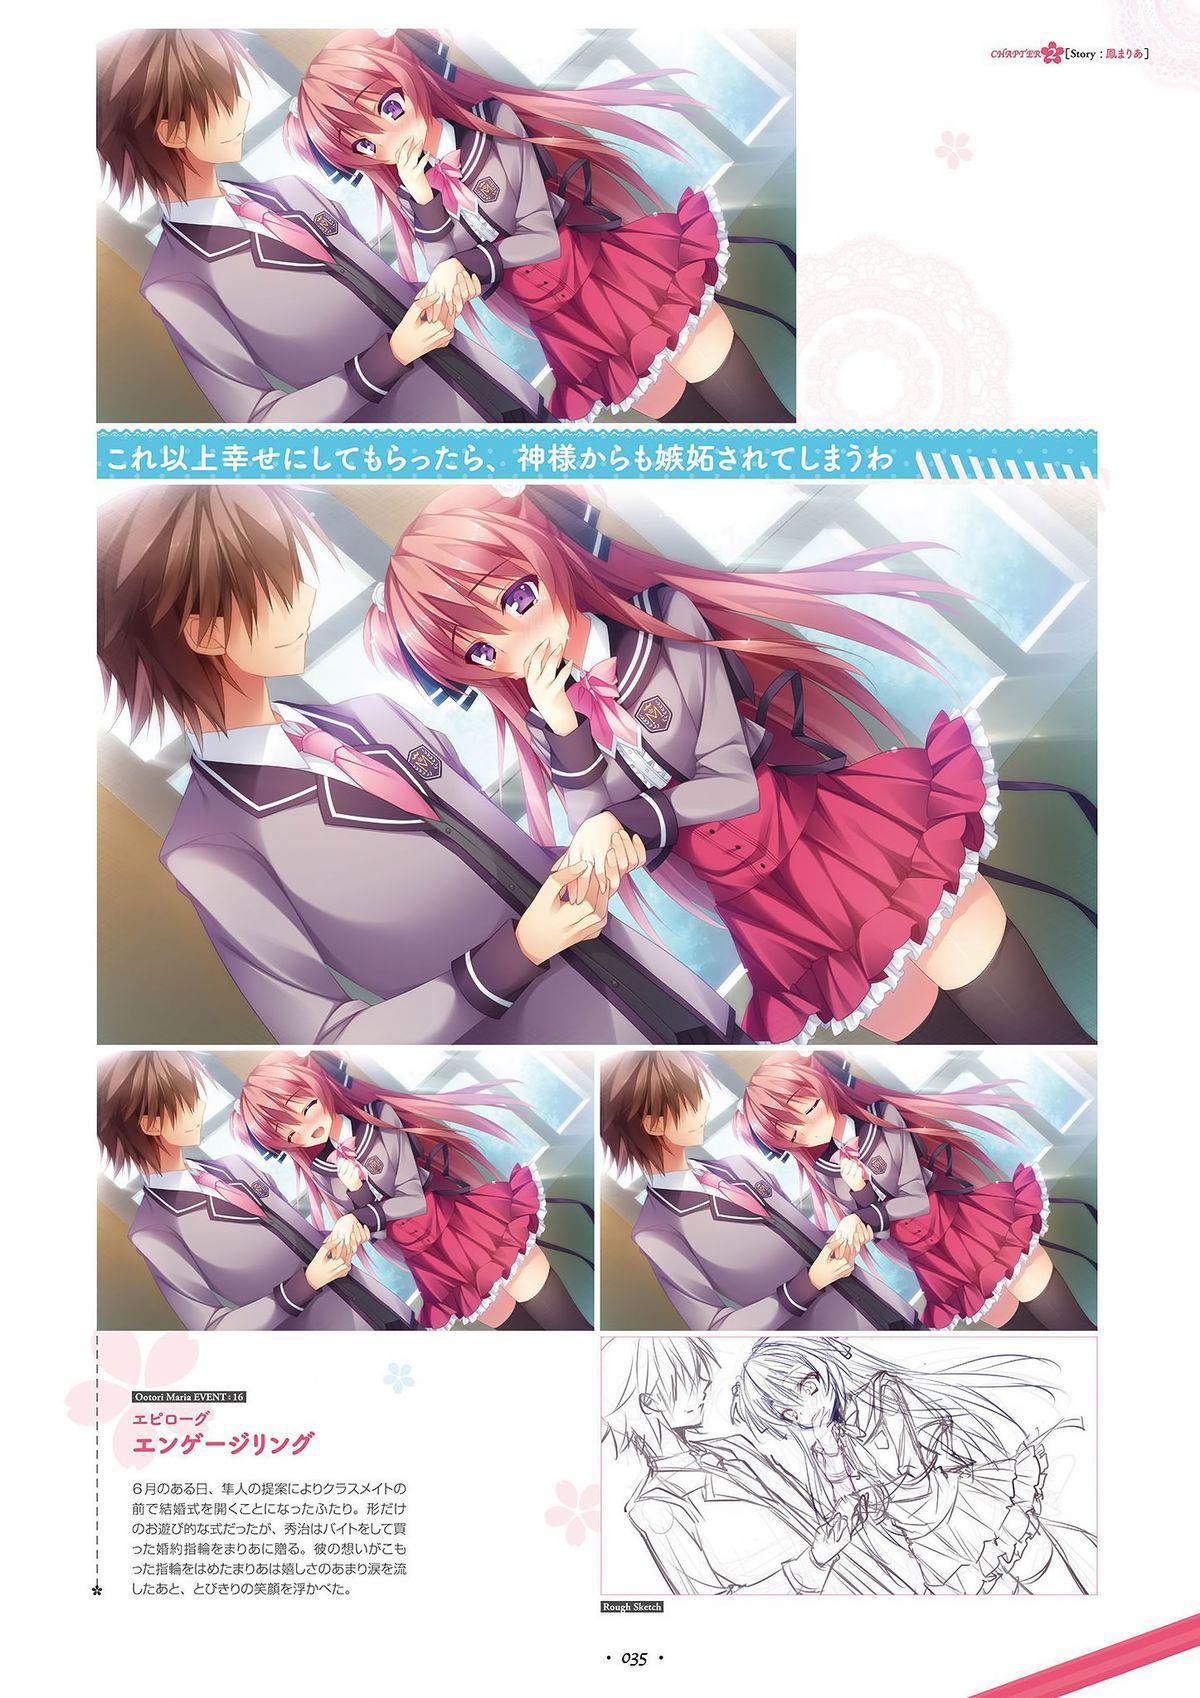 Shukufuku no Kane no Oto wa, Sakura-iro no Kaze to Tomo ni Visual Fanbook 36